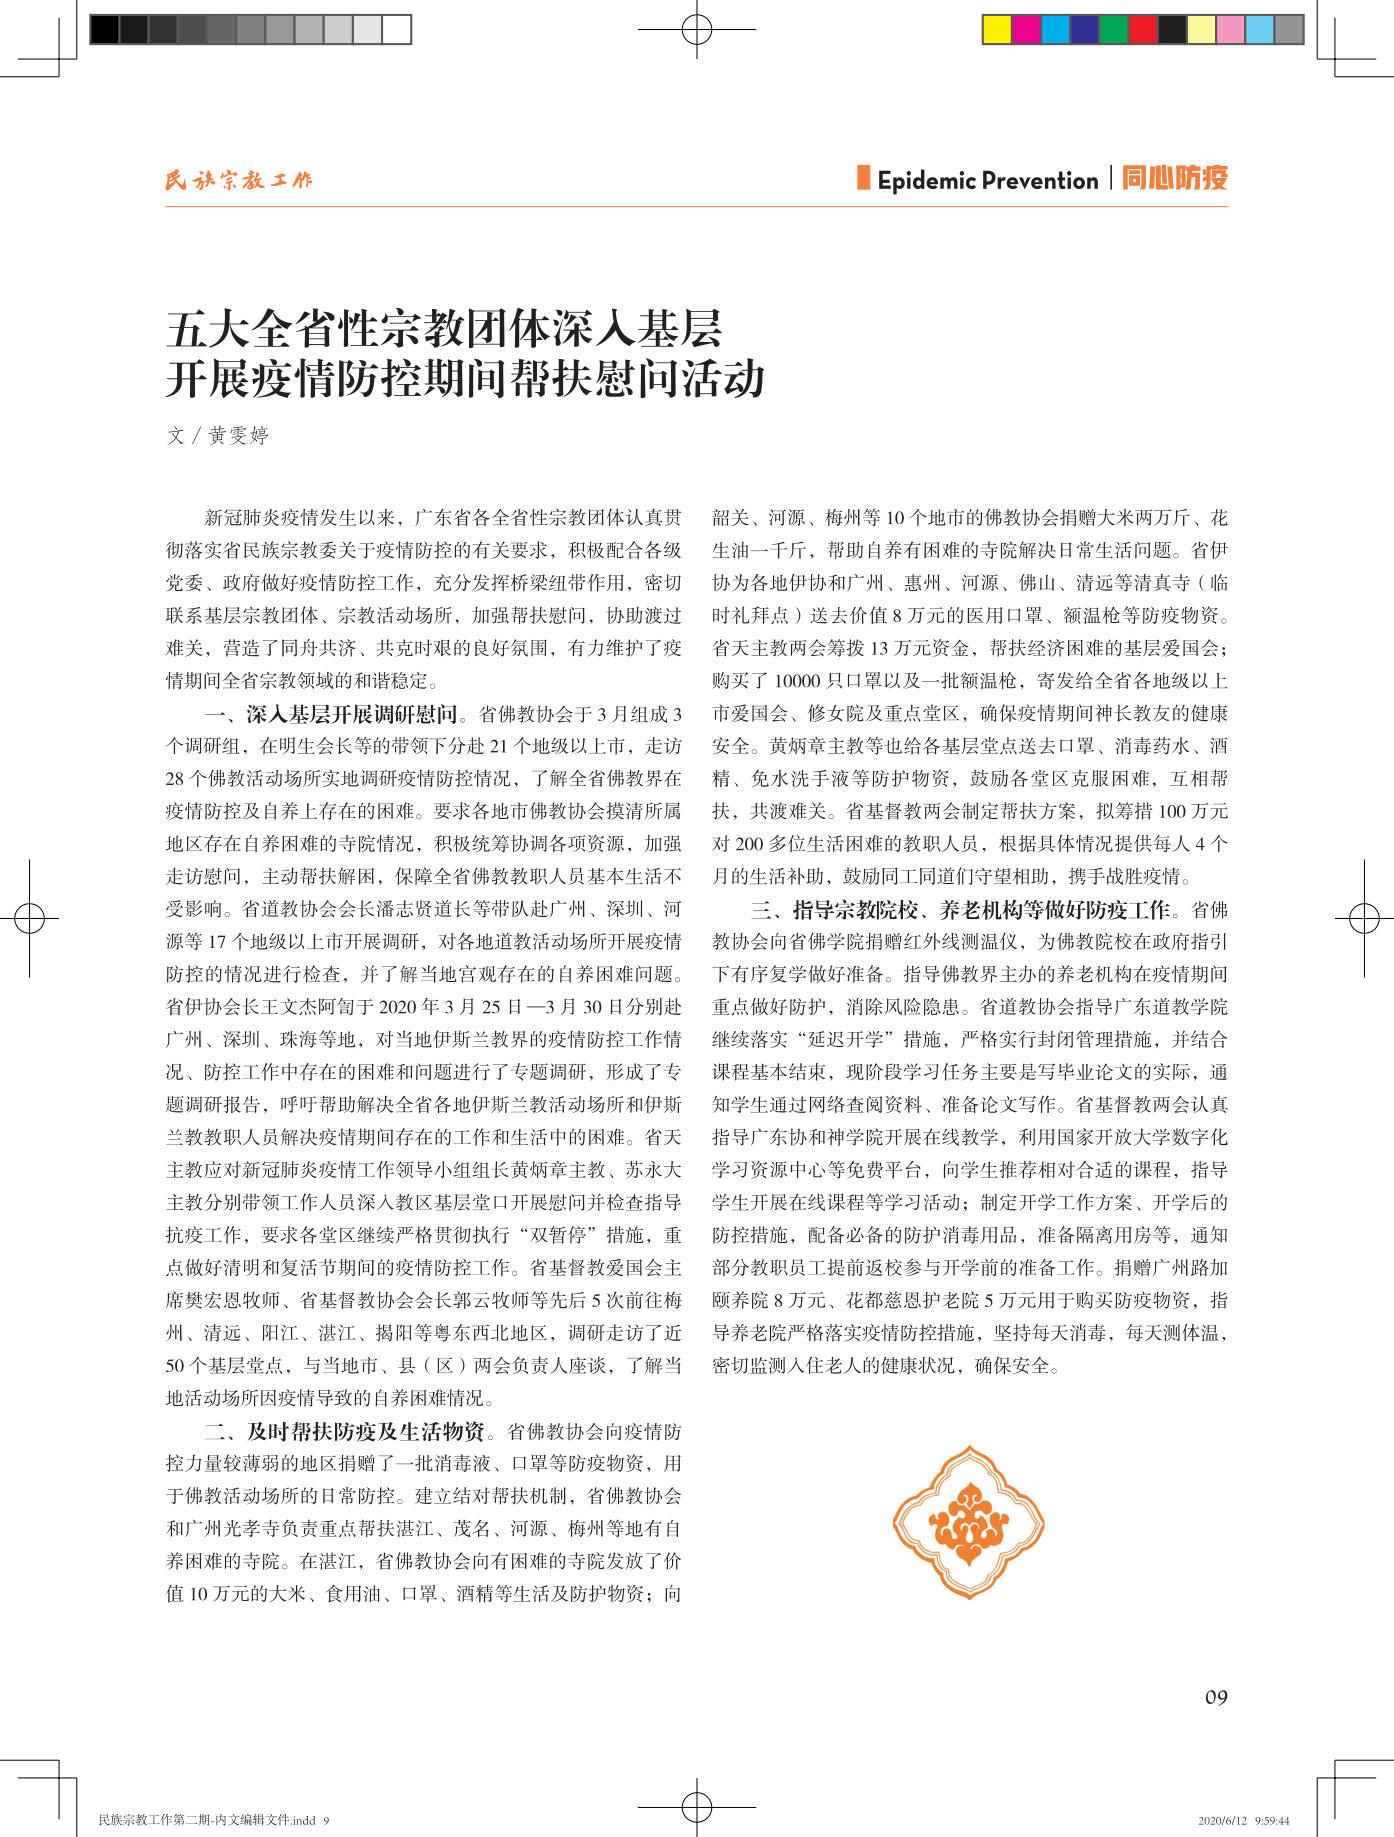 民族宗教工作第二期-内文20200612-蓝样_9.jpg